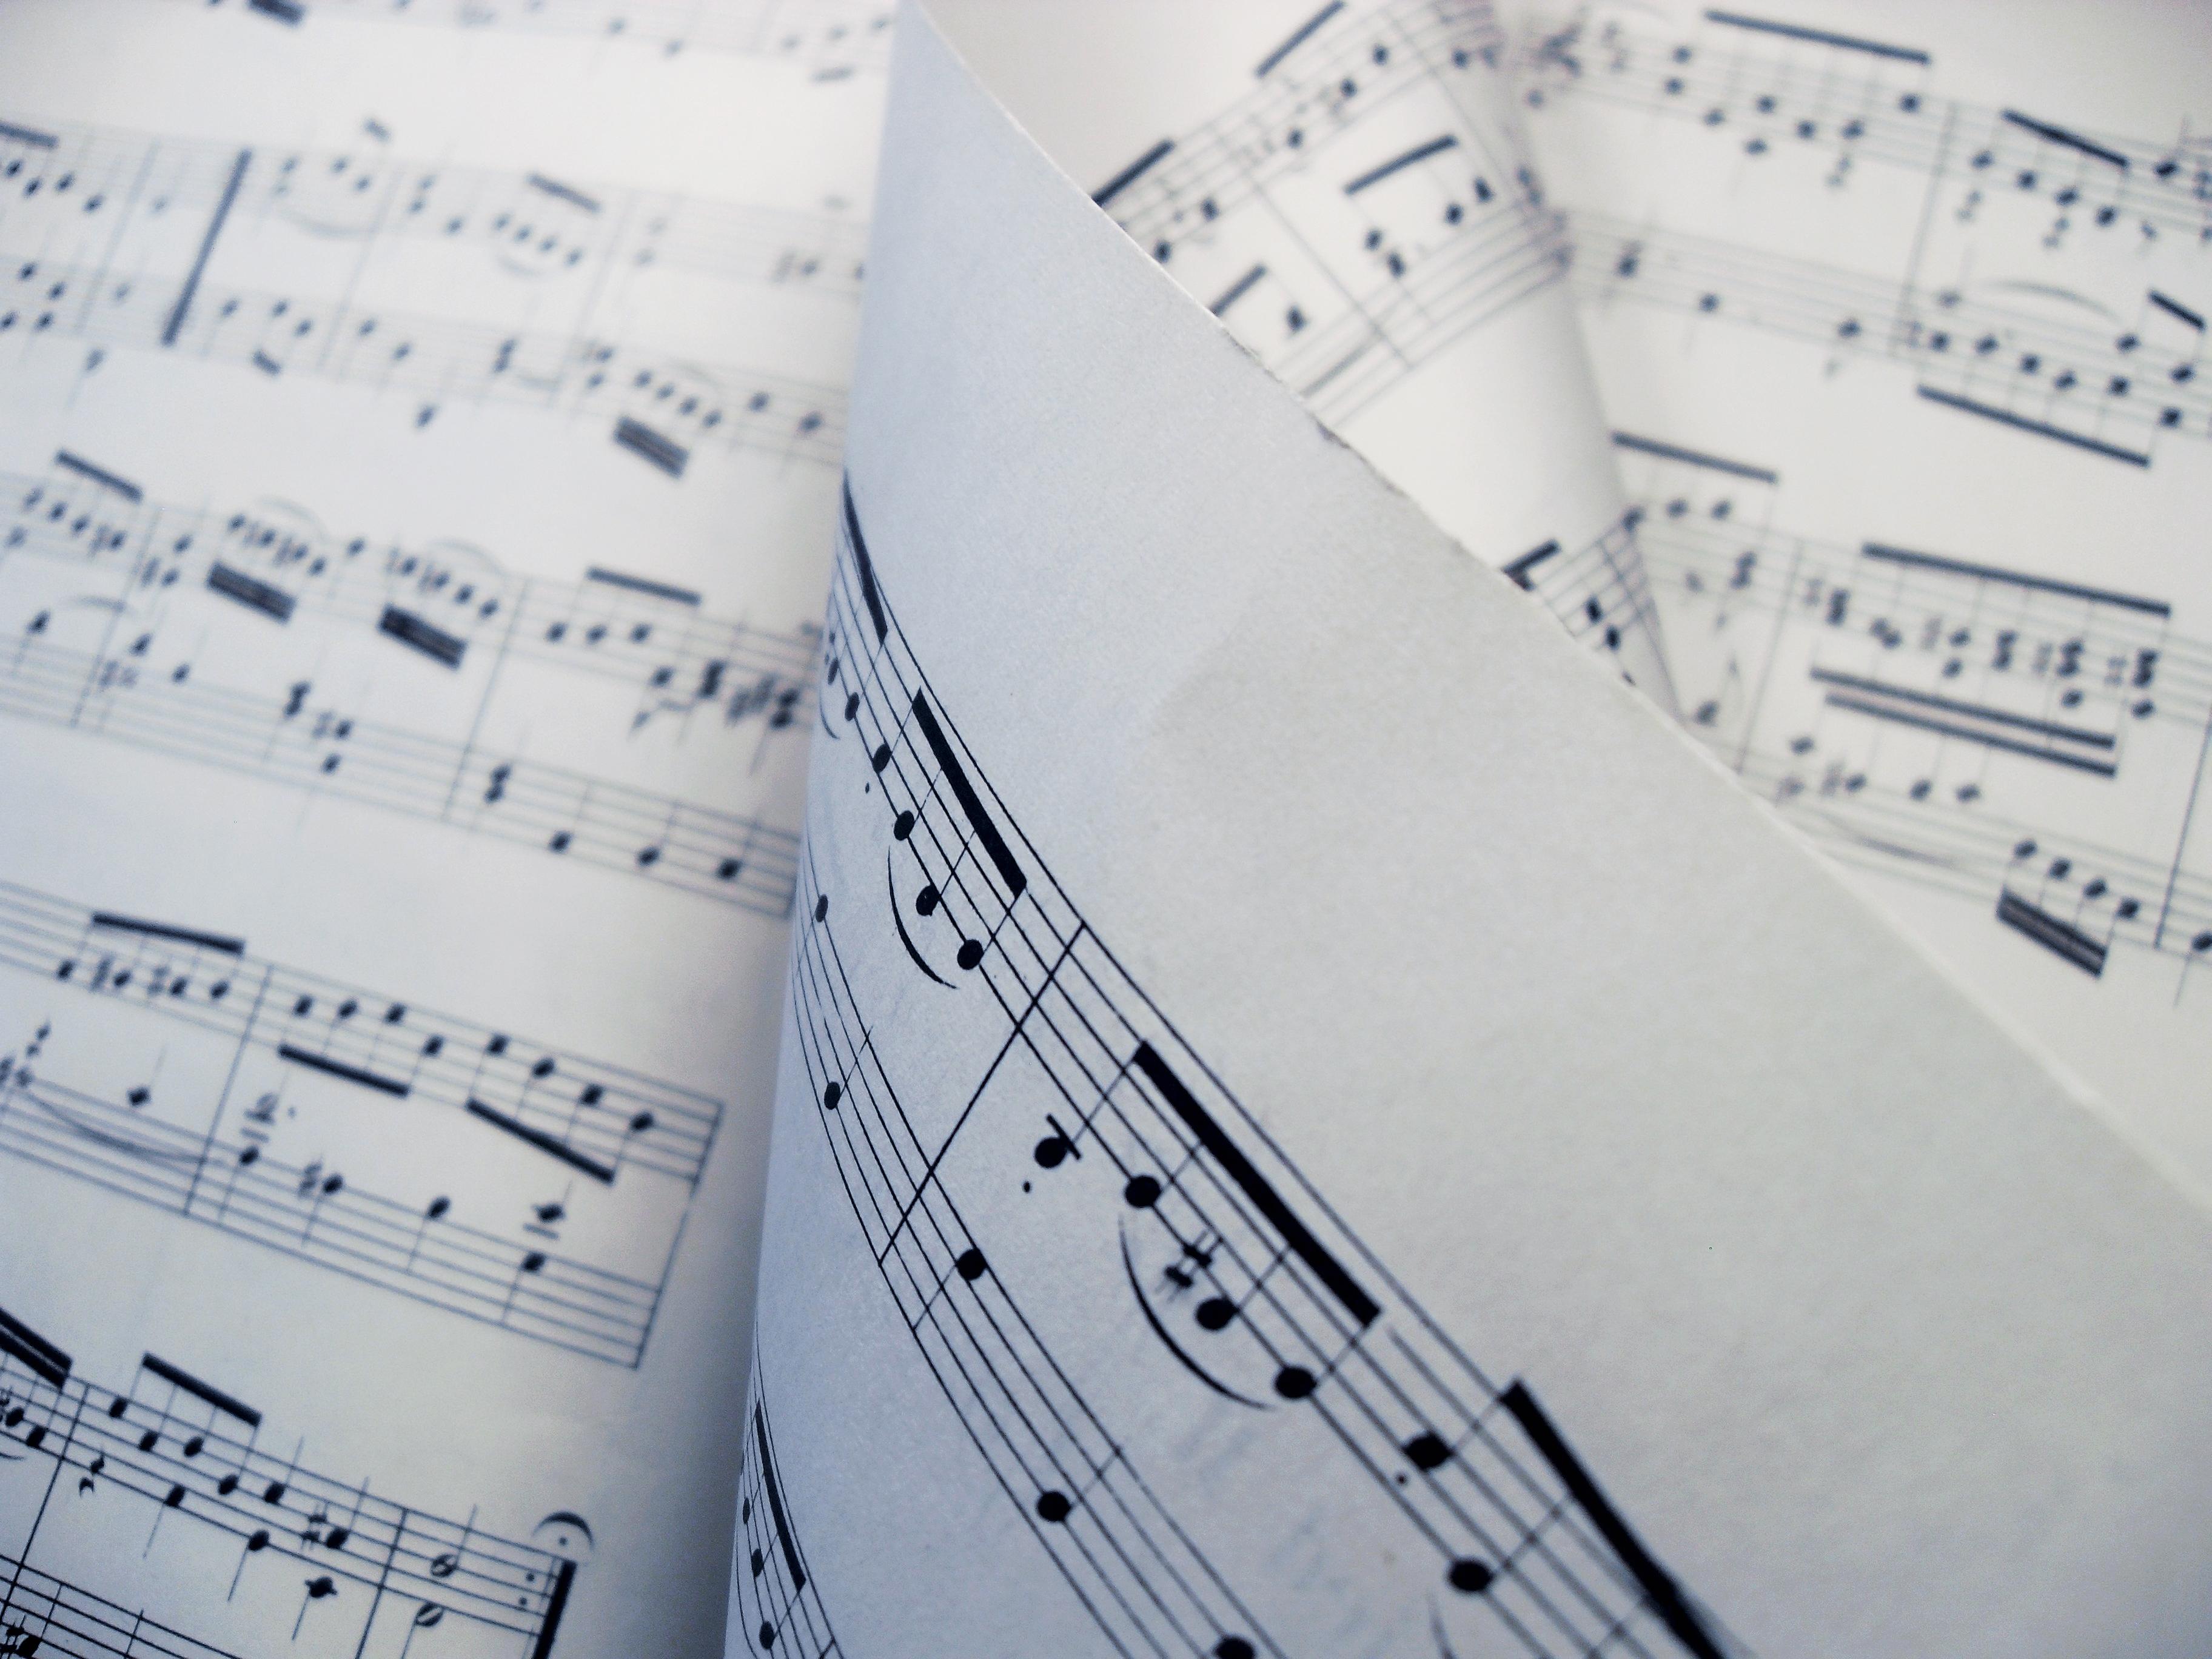 Musique en feuille